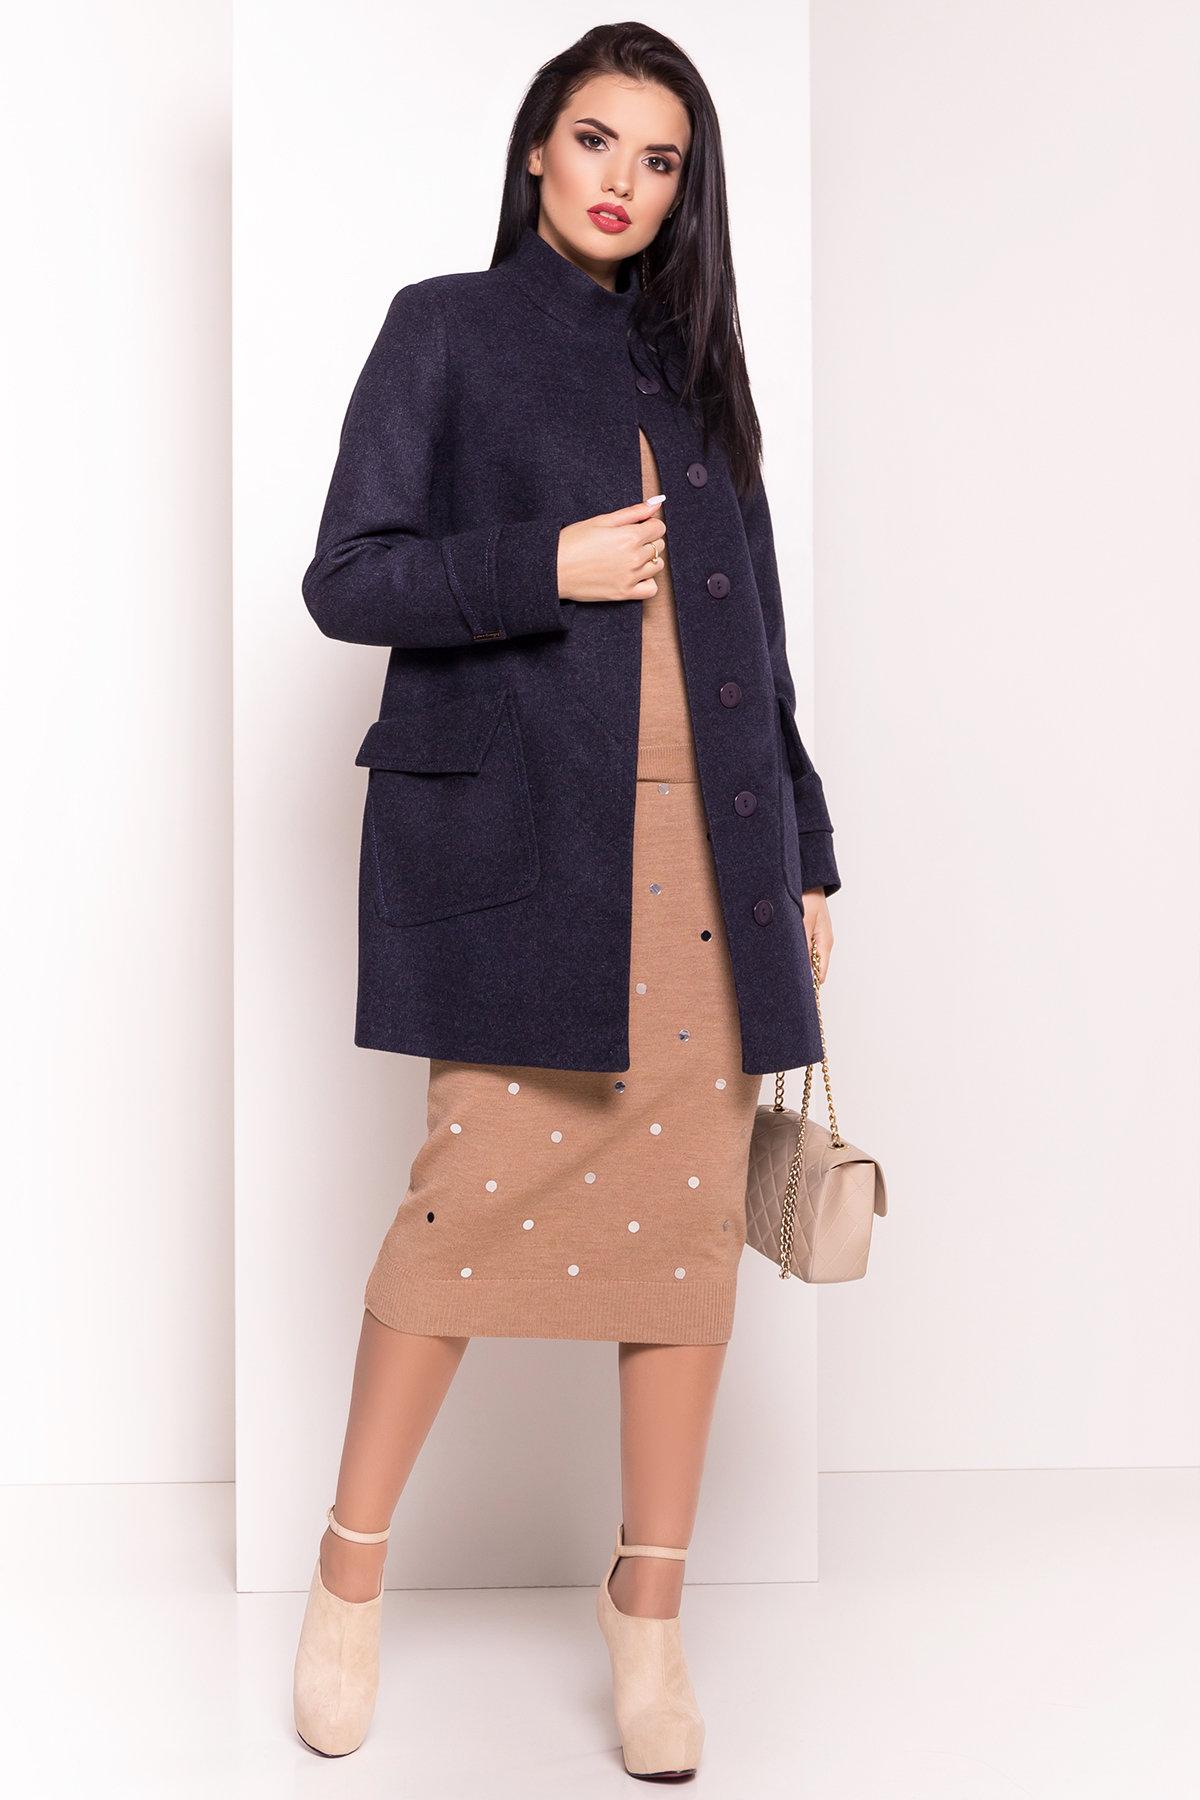 Демисезонное пальто с воротником стойка Эста 5417 АРТ. 36786 Цвет: Темно-синий - фото 3, интернет магазин tm-modus.ru